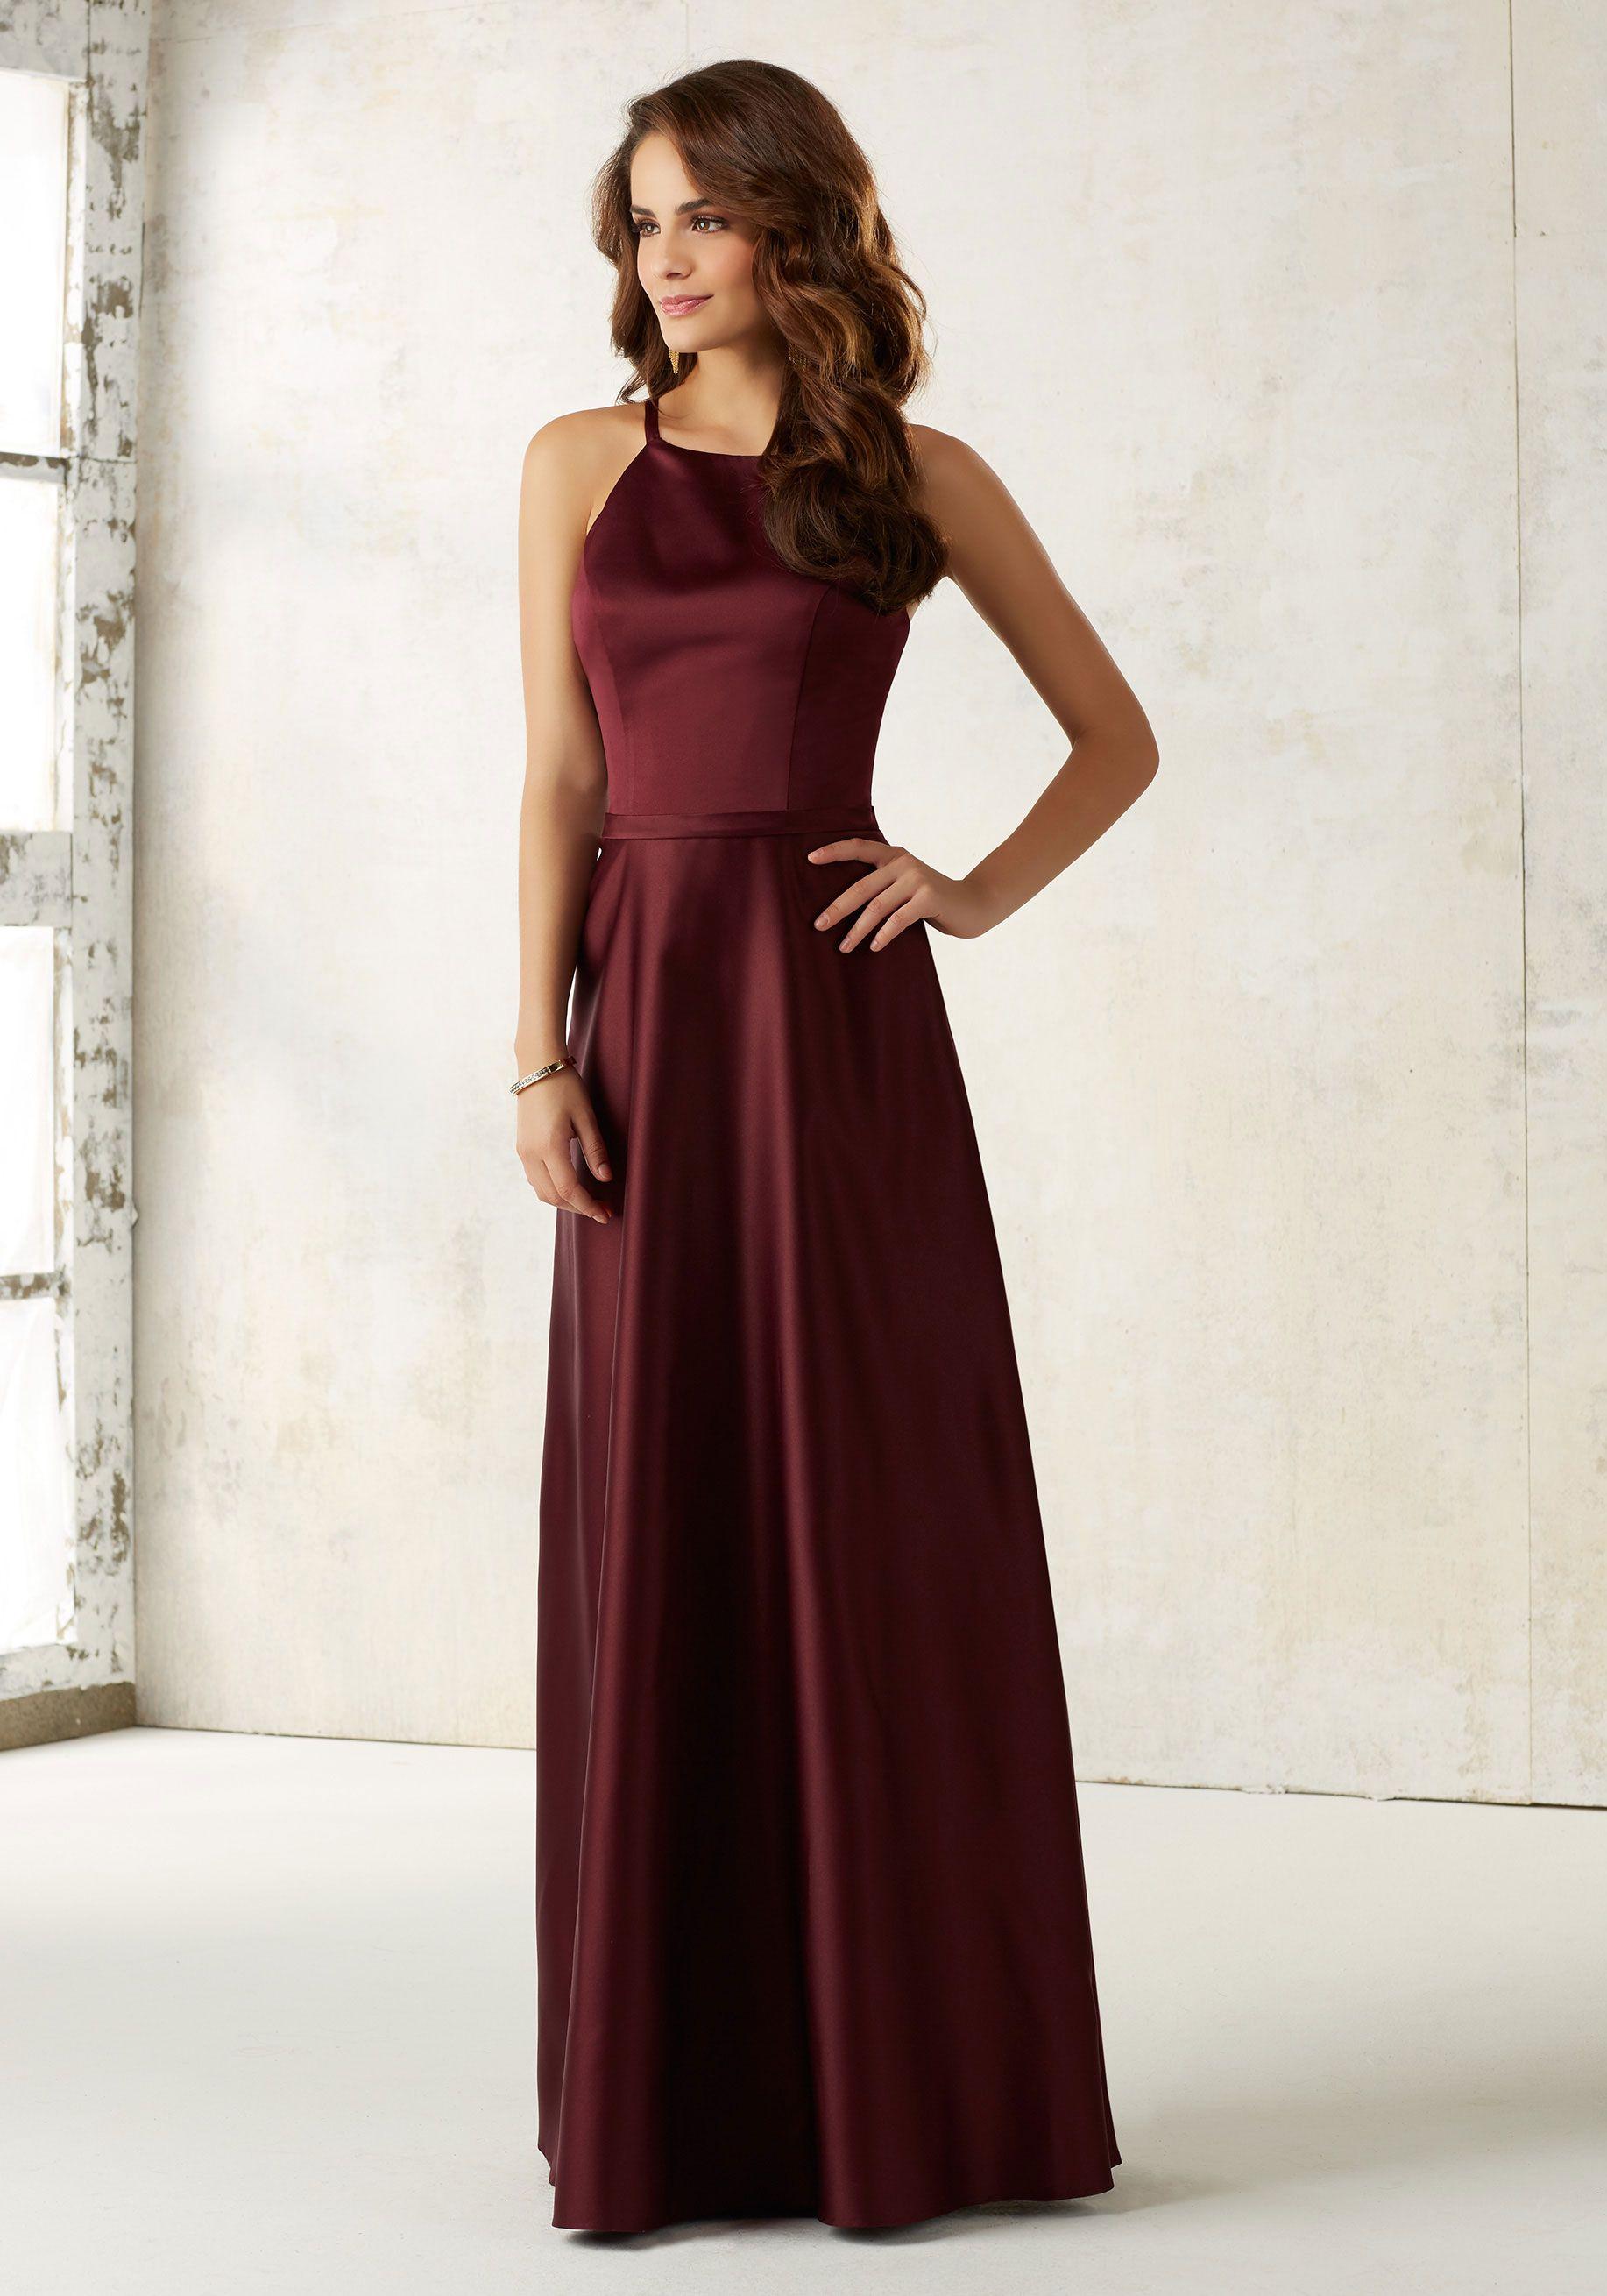 Kleid trauzeugin bordeaux | Trendige Kleider für die ...